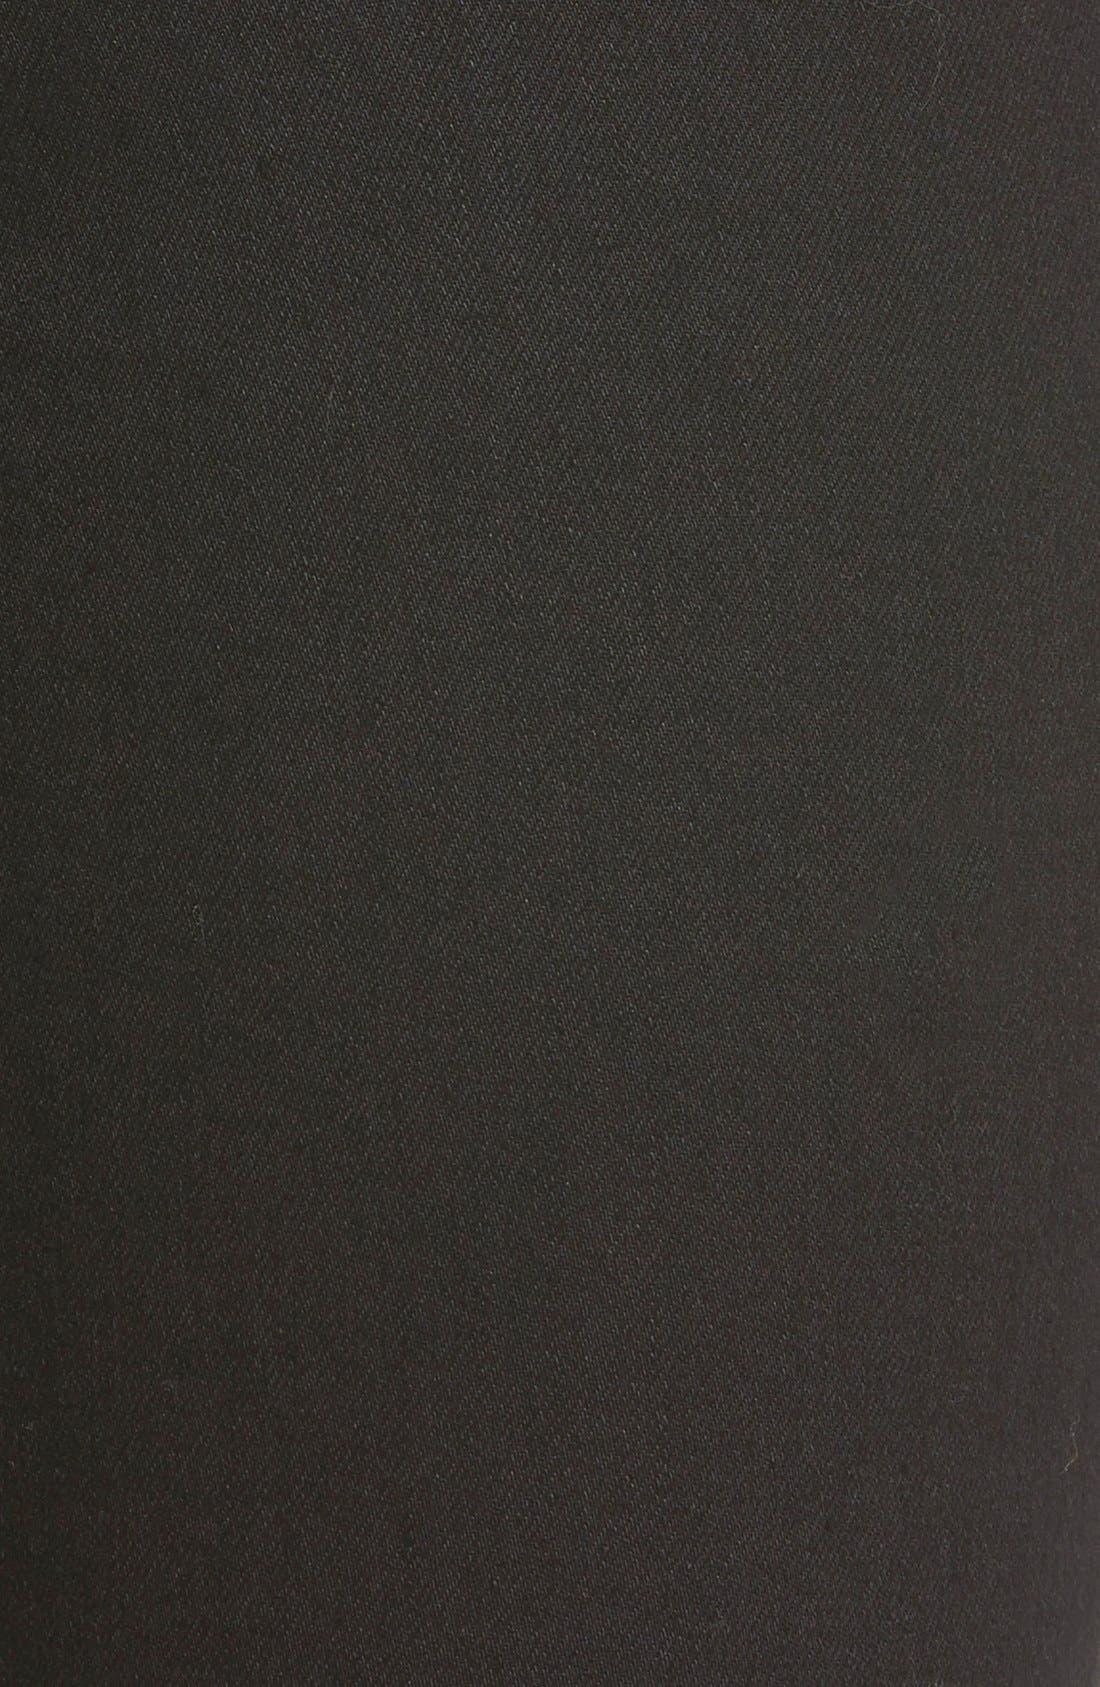 Harper Slim Straight Leg Jeans,                             Alternate thumbnail 6, color,                             OVERDYED BLACK